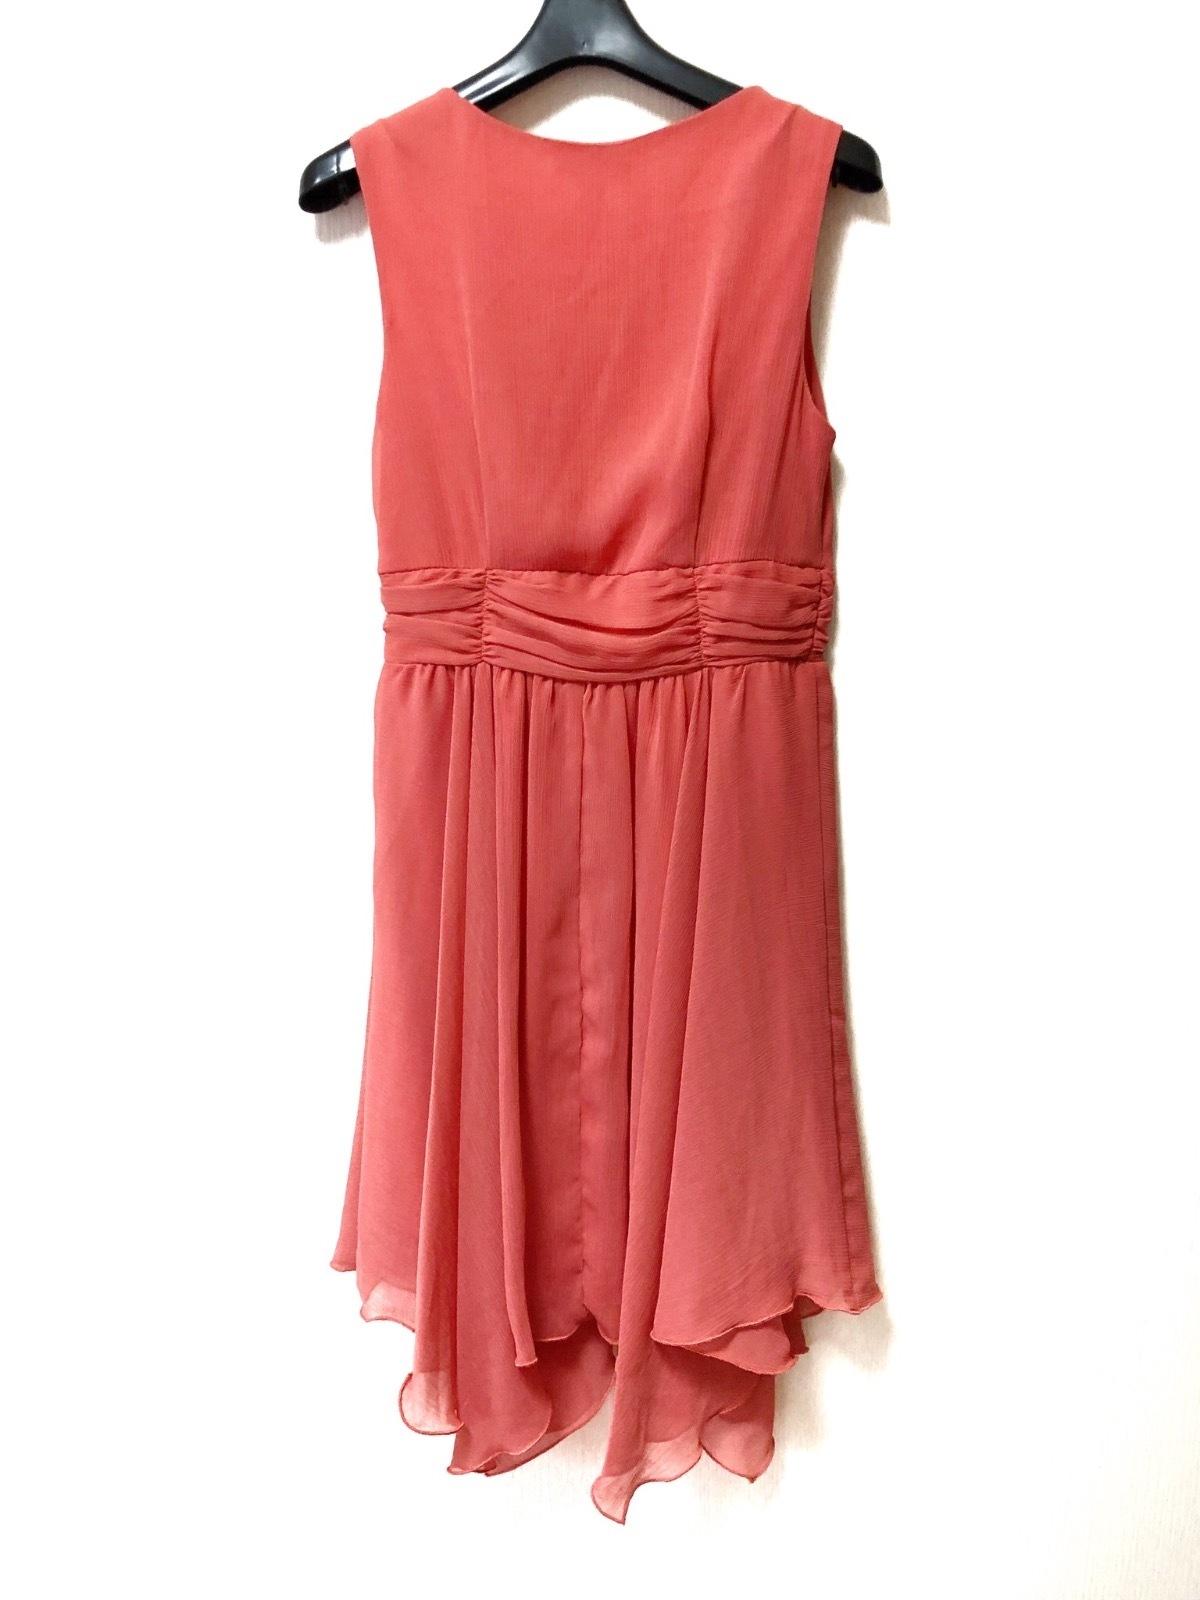 dressbarn(ドレスバーン)のドレス